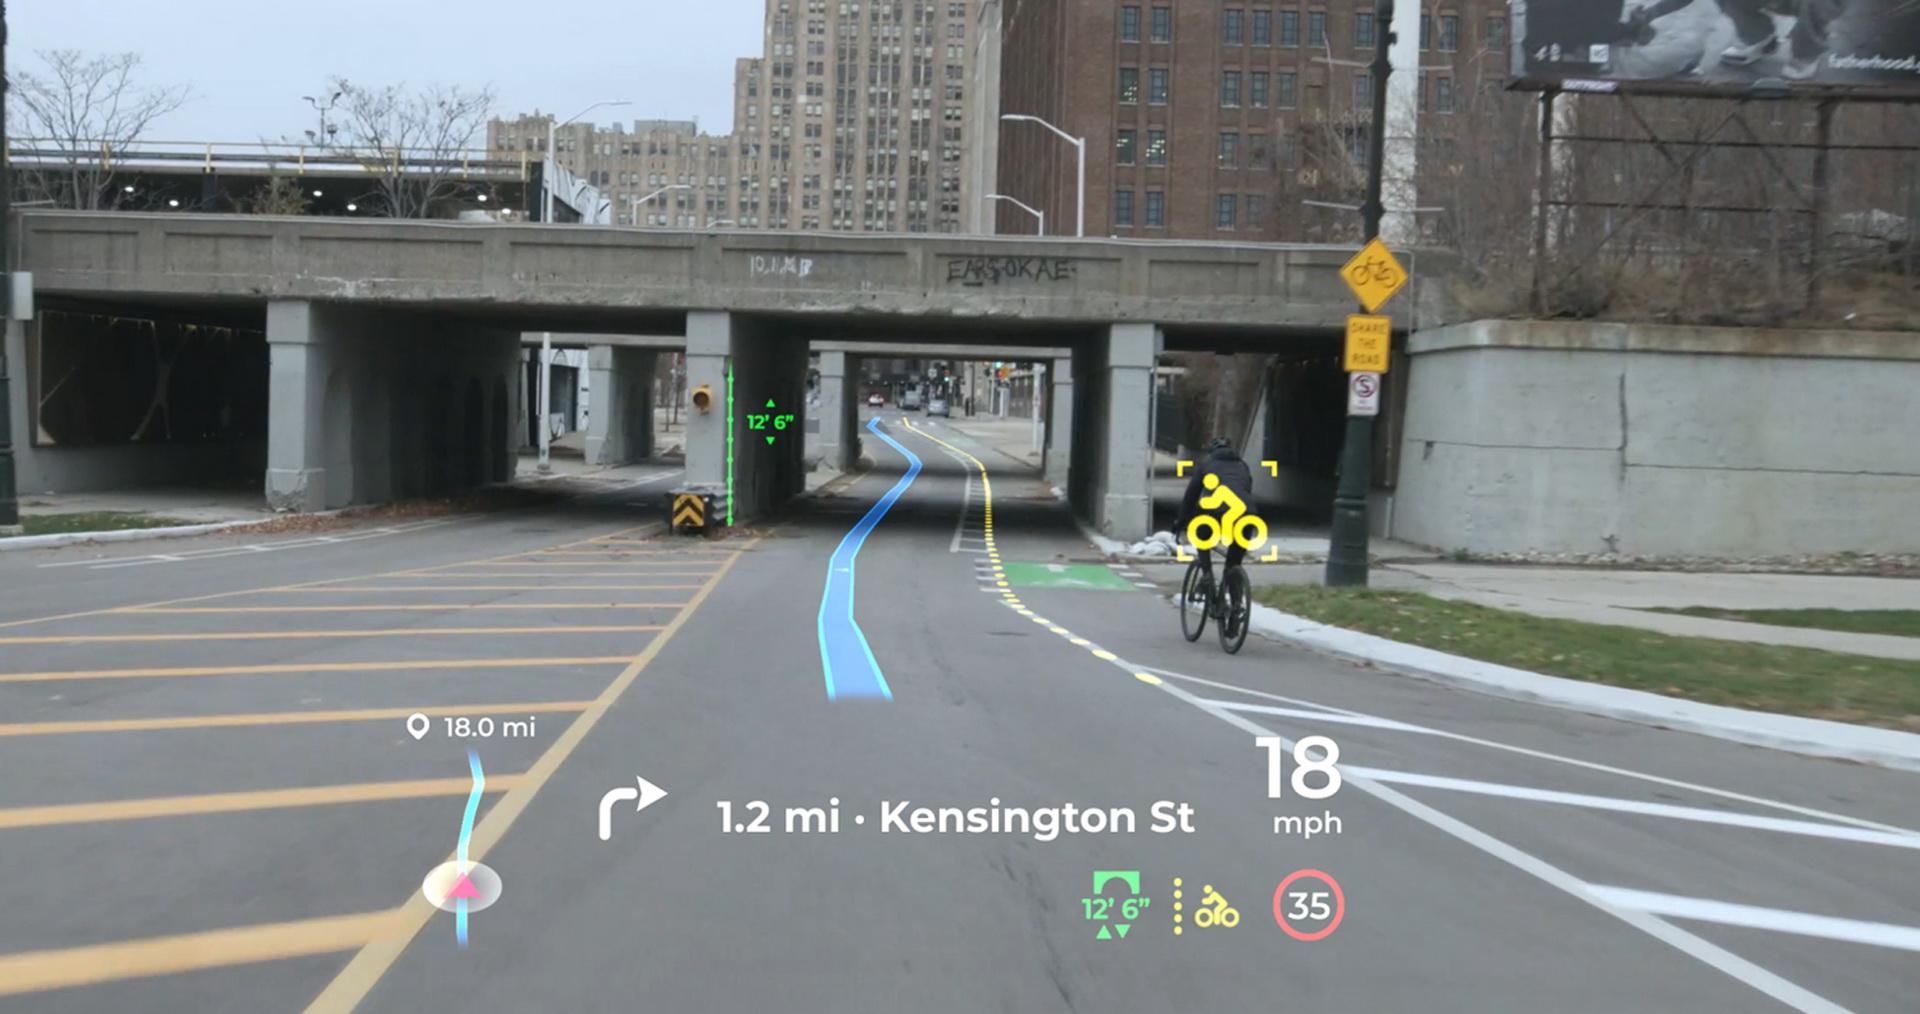 Công nghệ hiển thị trên kính lái mới ra mắt tại CES, hãng phát triển gây bất ngờ